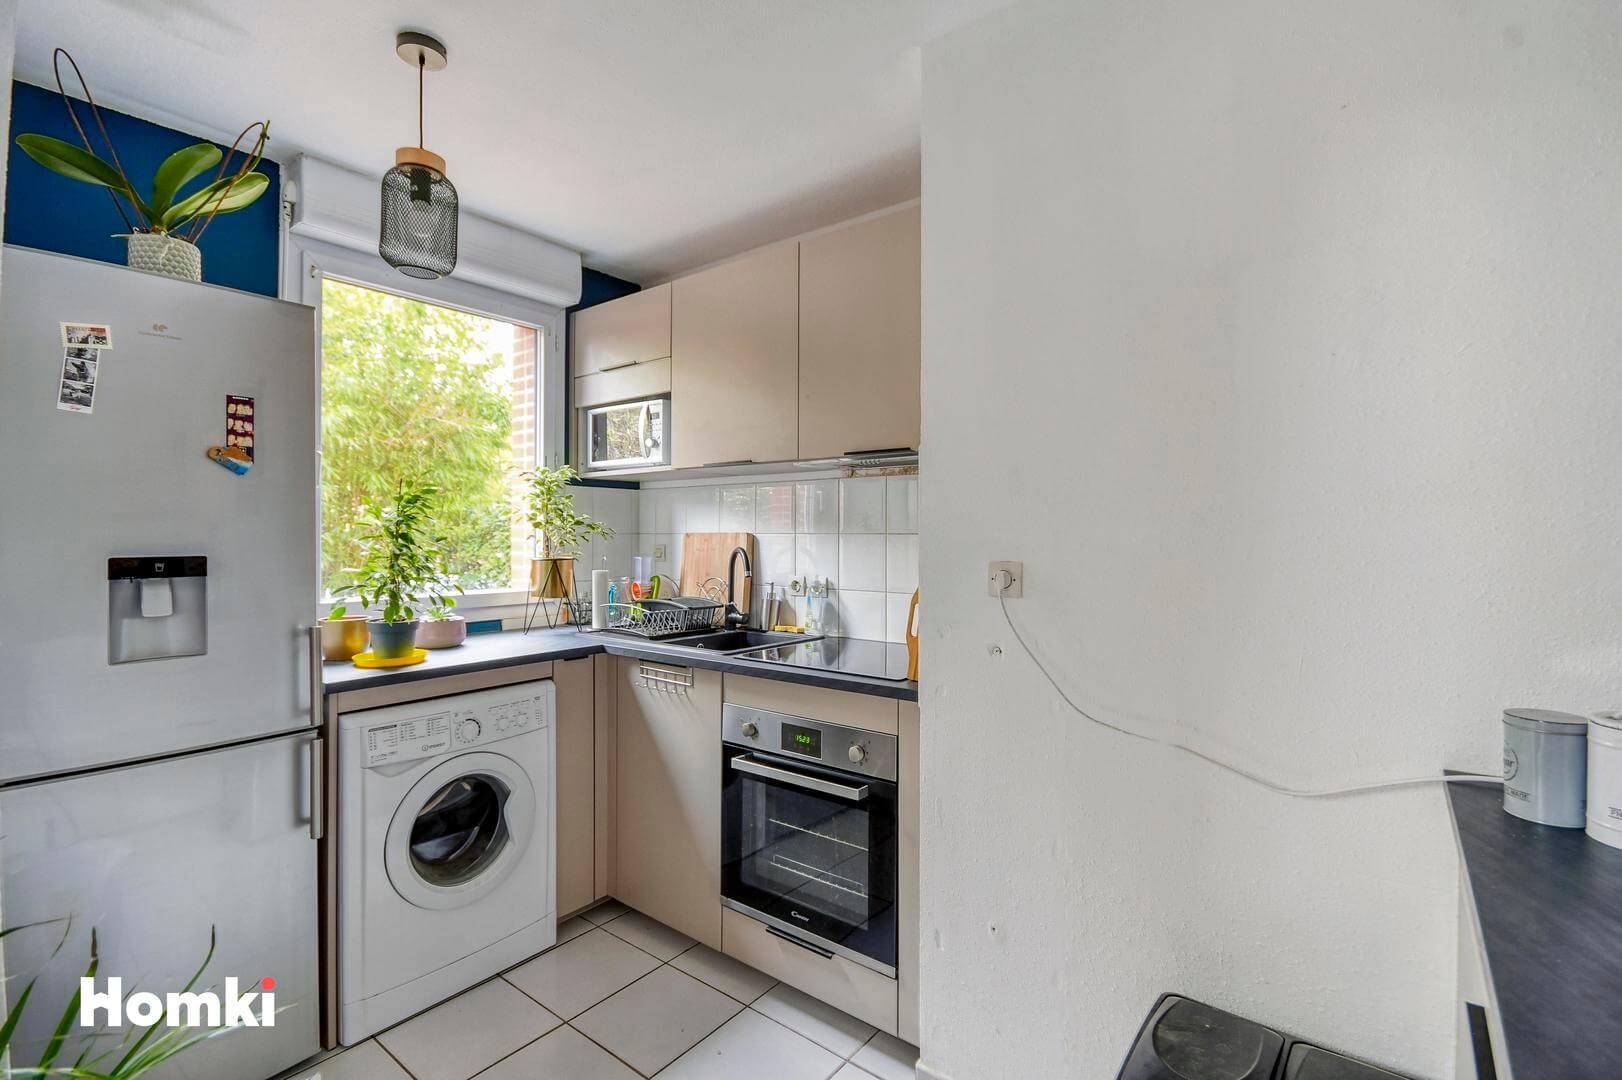 Homki - Vente Appartement  de 42.0 m² à Toulouse 31200